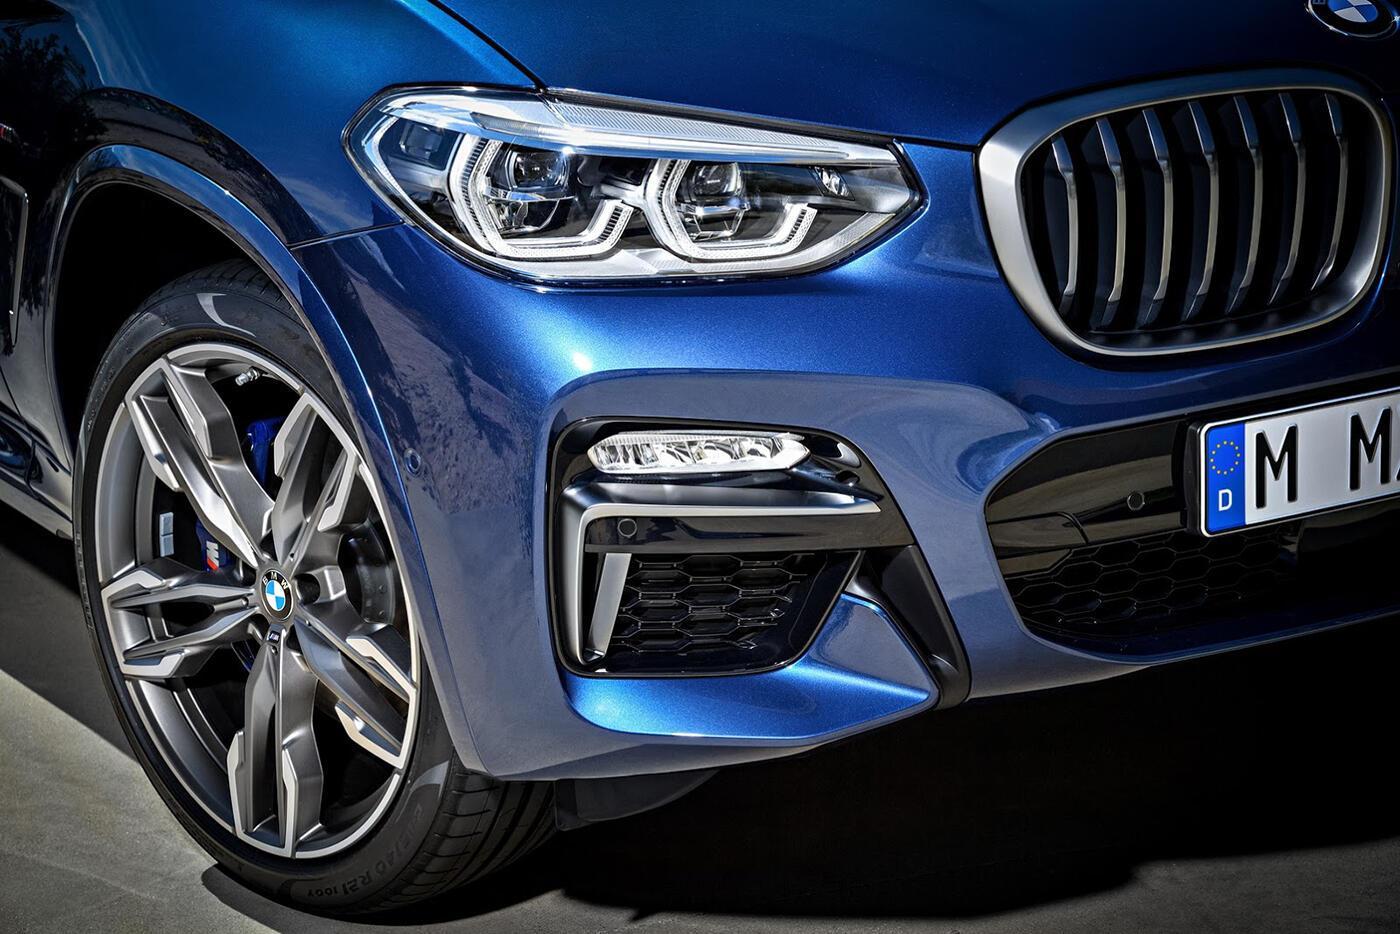 BMW X3 2018 chính thức trình làng, thêm nhiều trang bị mới - Hình 5